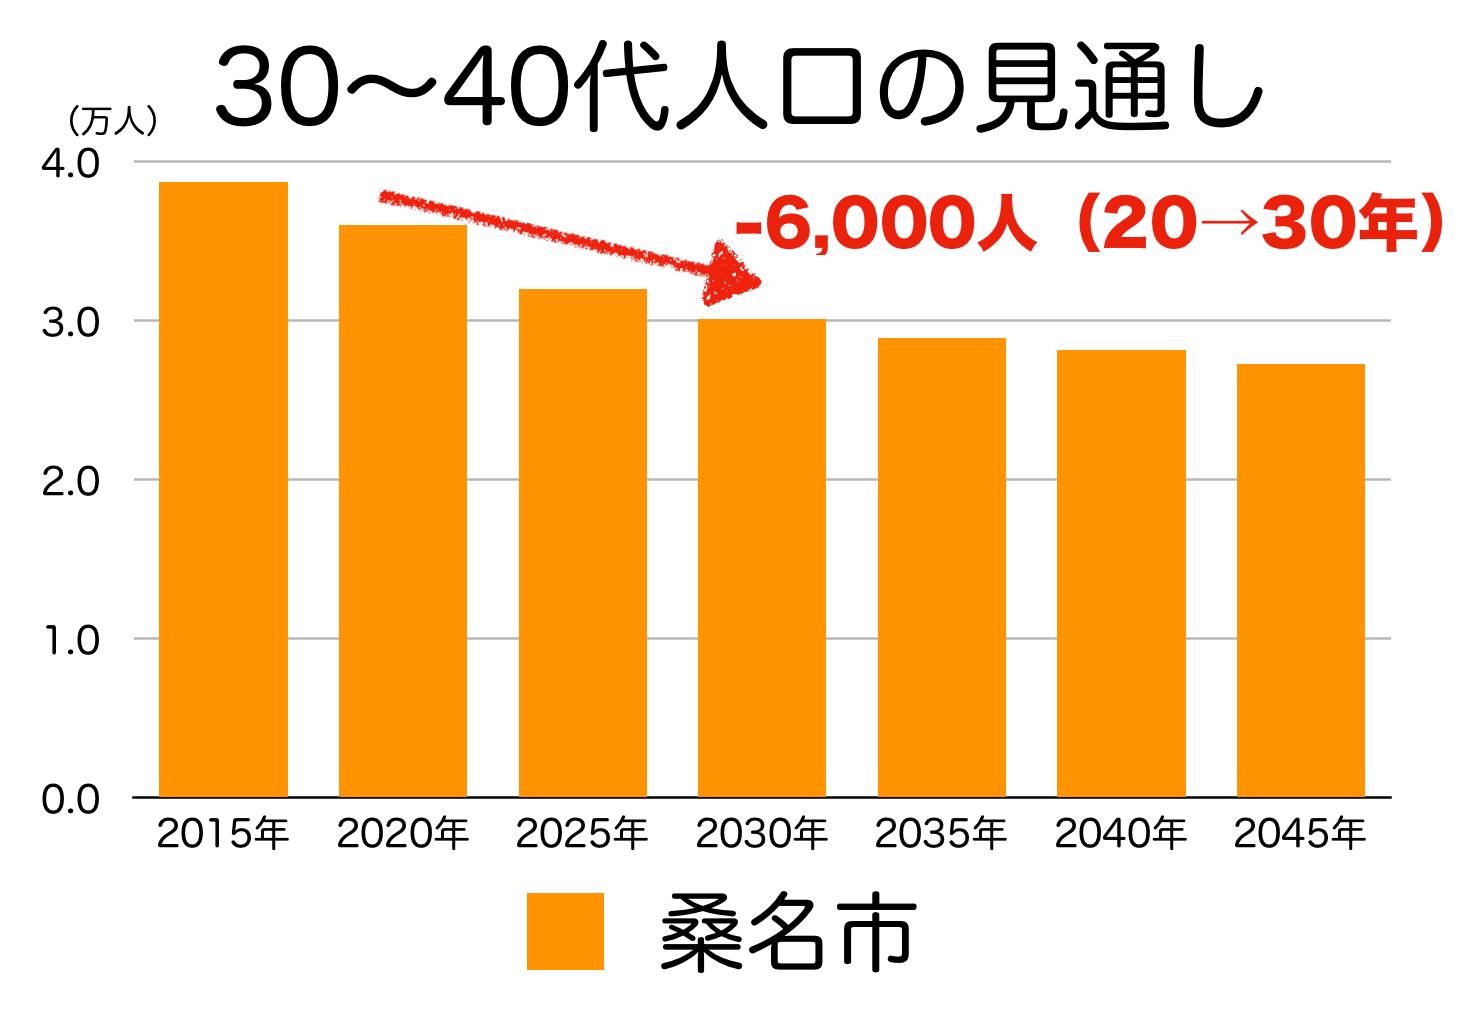 桑名市の30〜40代人口の予測